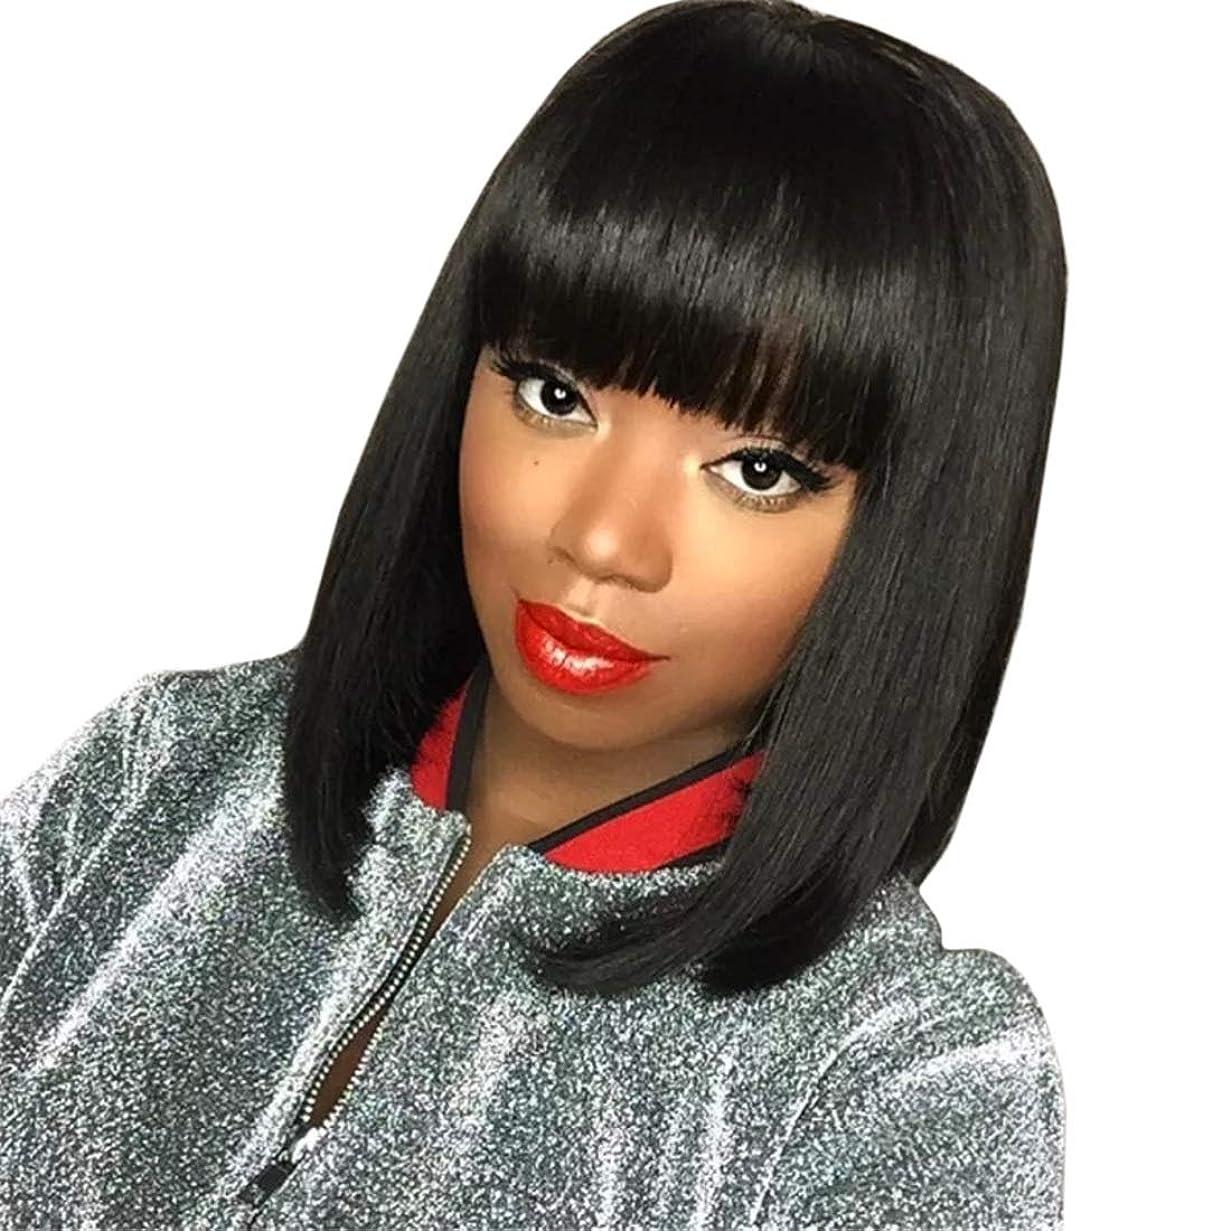 暴力できるもちろんKerwinner 女性用フルヘッドウィッグミディアムロングストレートヘアインナーバックル付き前髪かつら女性用ナチュラルカラーの髪の毛180g(ブラック/ダークブラウン/ライトブラウン)